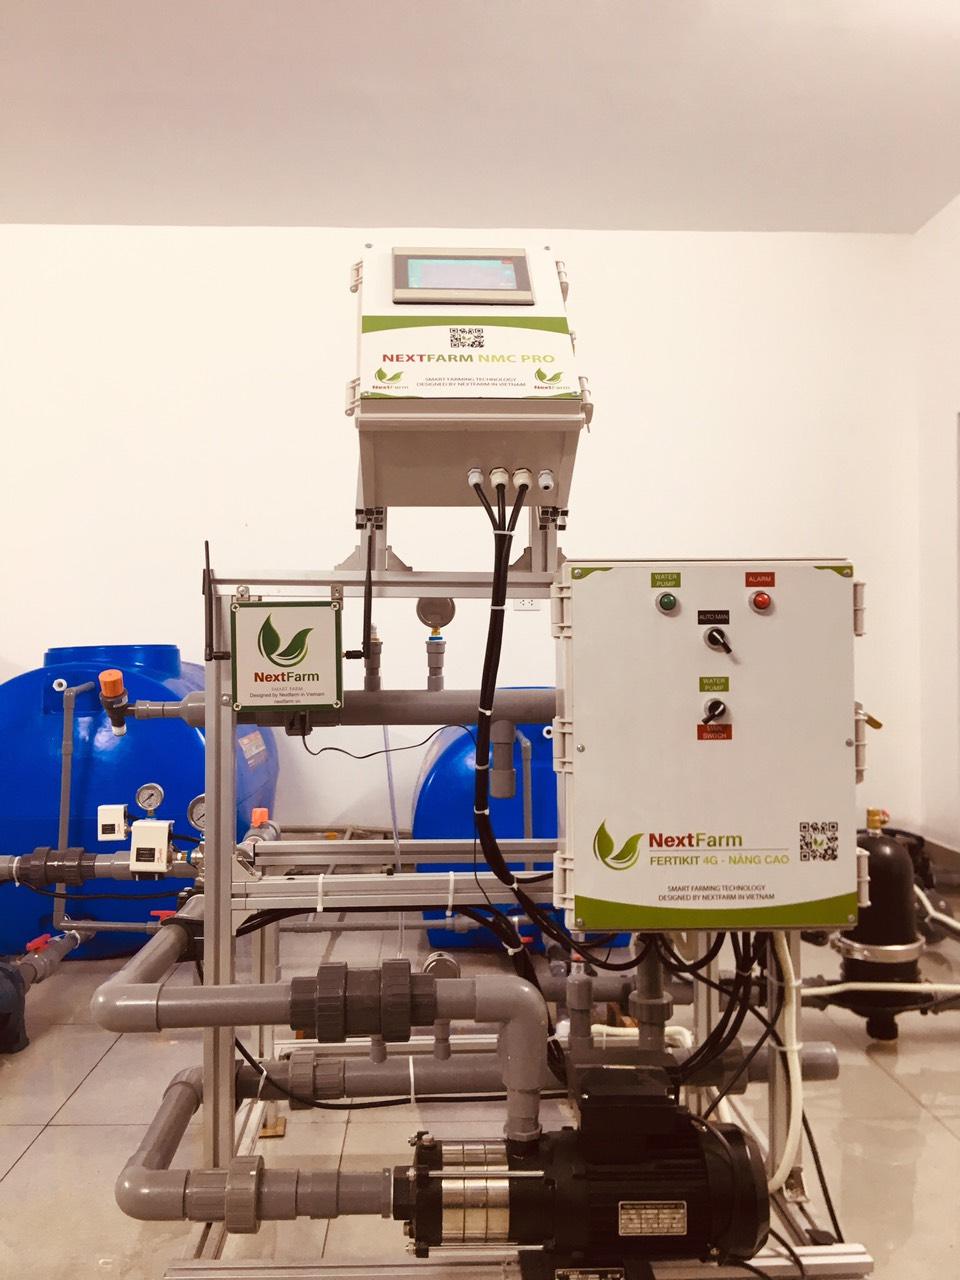 Máy châm phân dinh dưỡng tự động Nextfarm Fertikit 4G